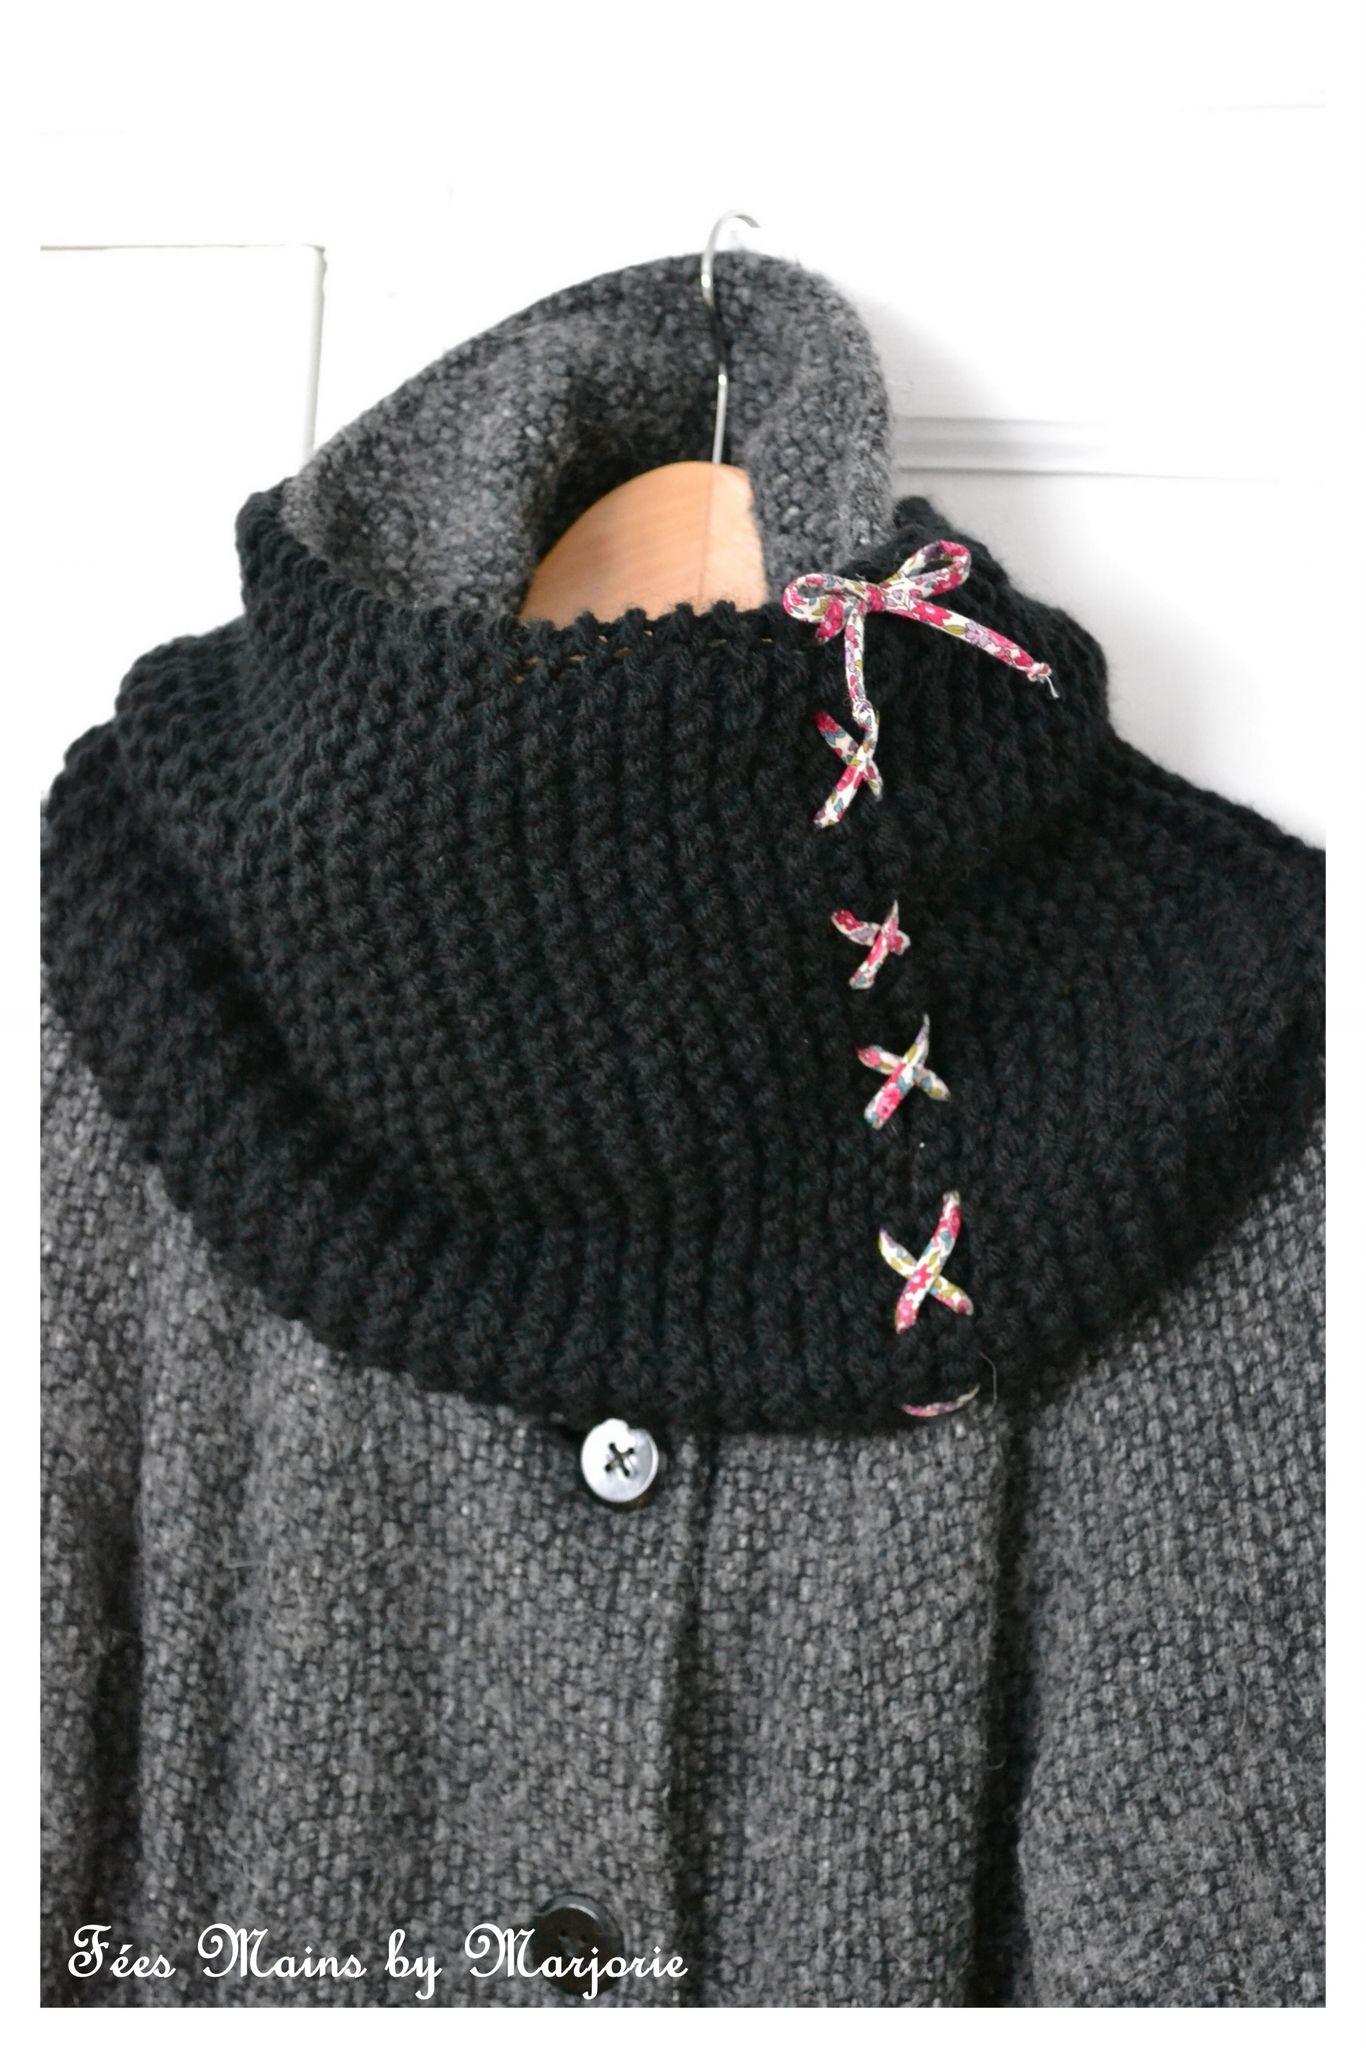 a4f778d9e6cf Snood tricoté au point mousse sur 30 mailles avec des aiguilles n°9 et  environ 120g de laine. Les deux extrémités du tricot sont lacées avec un  cordon de ...